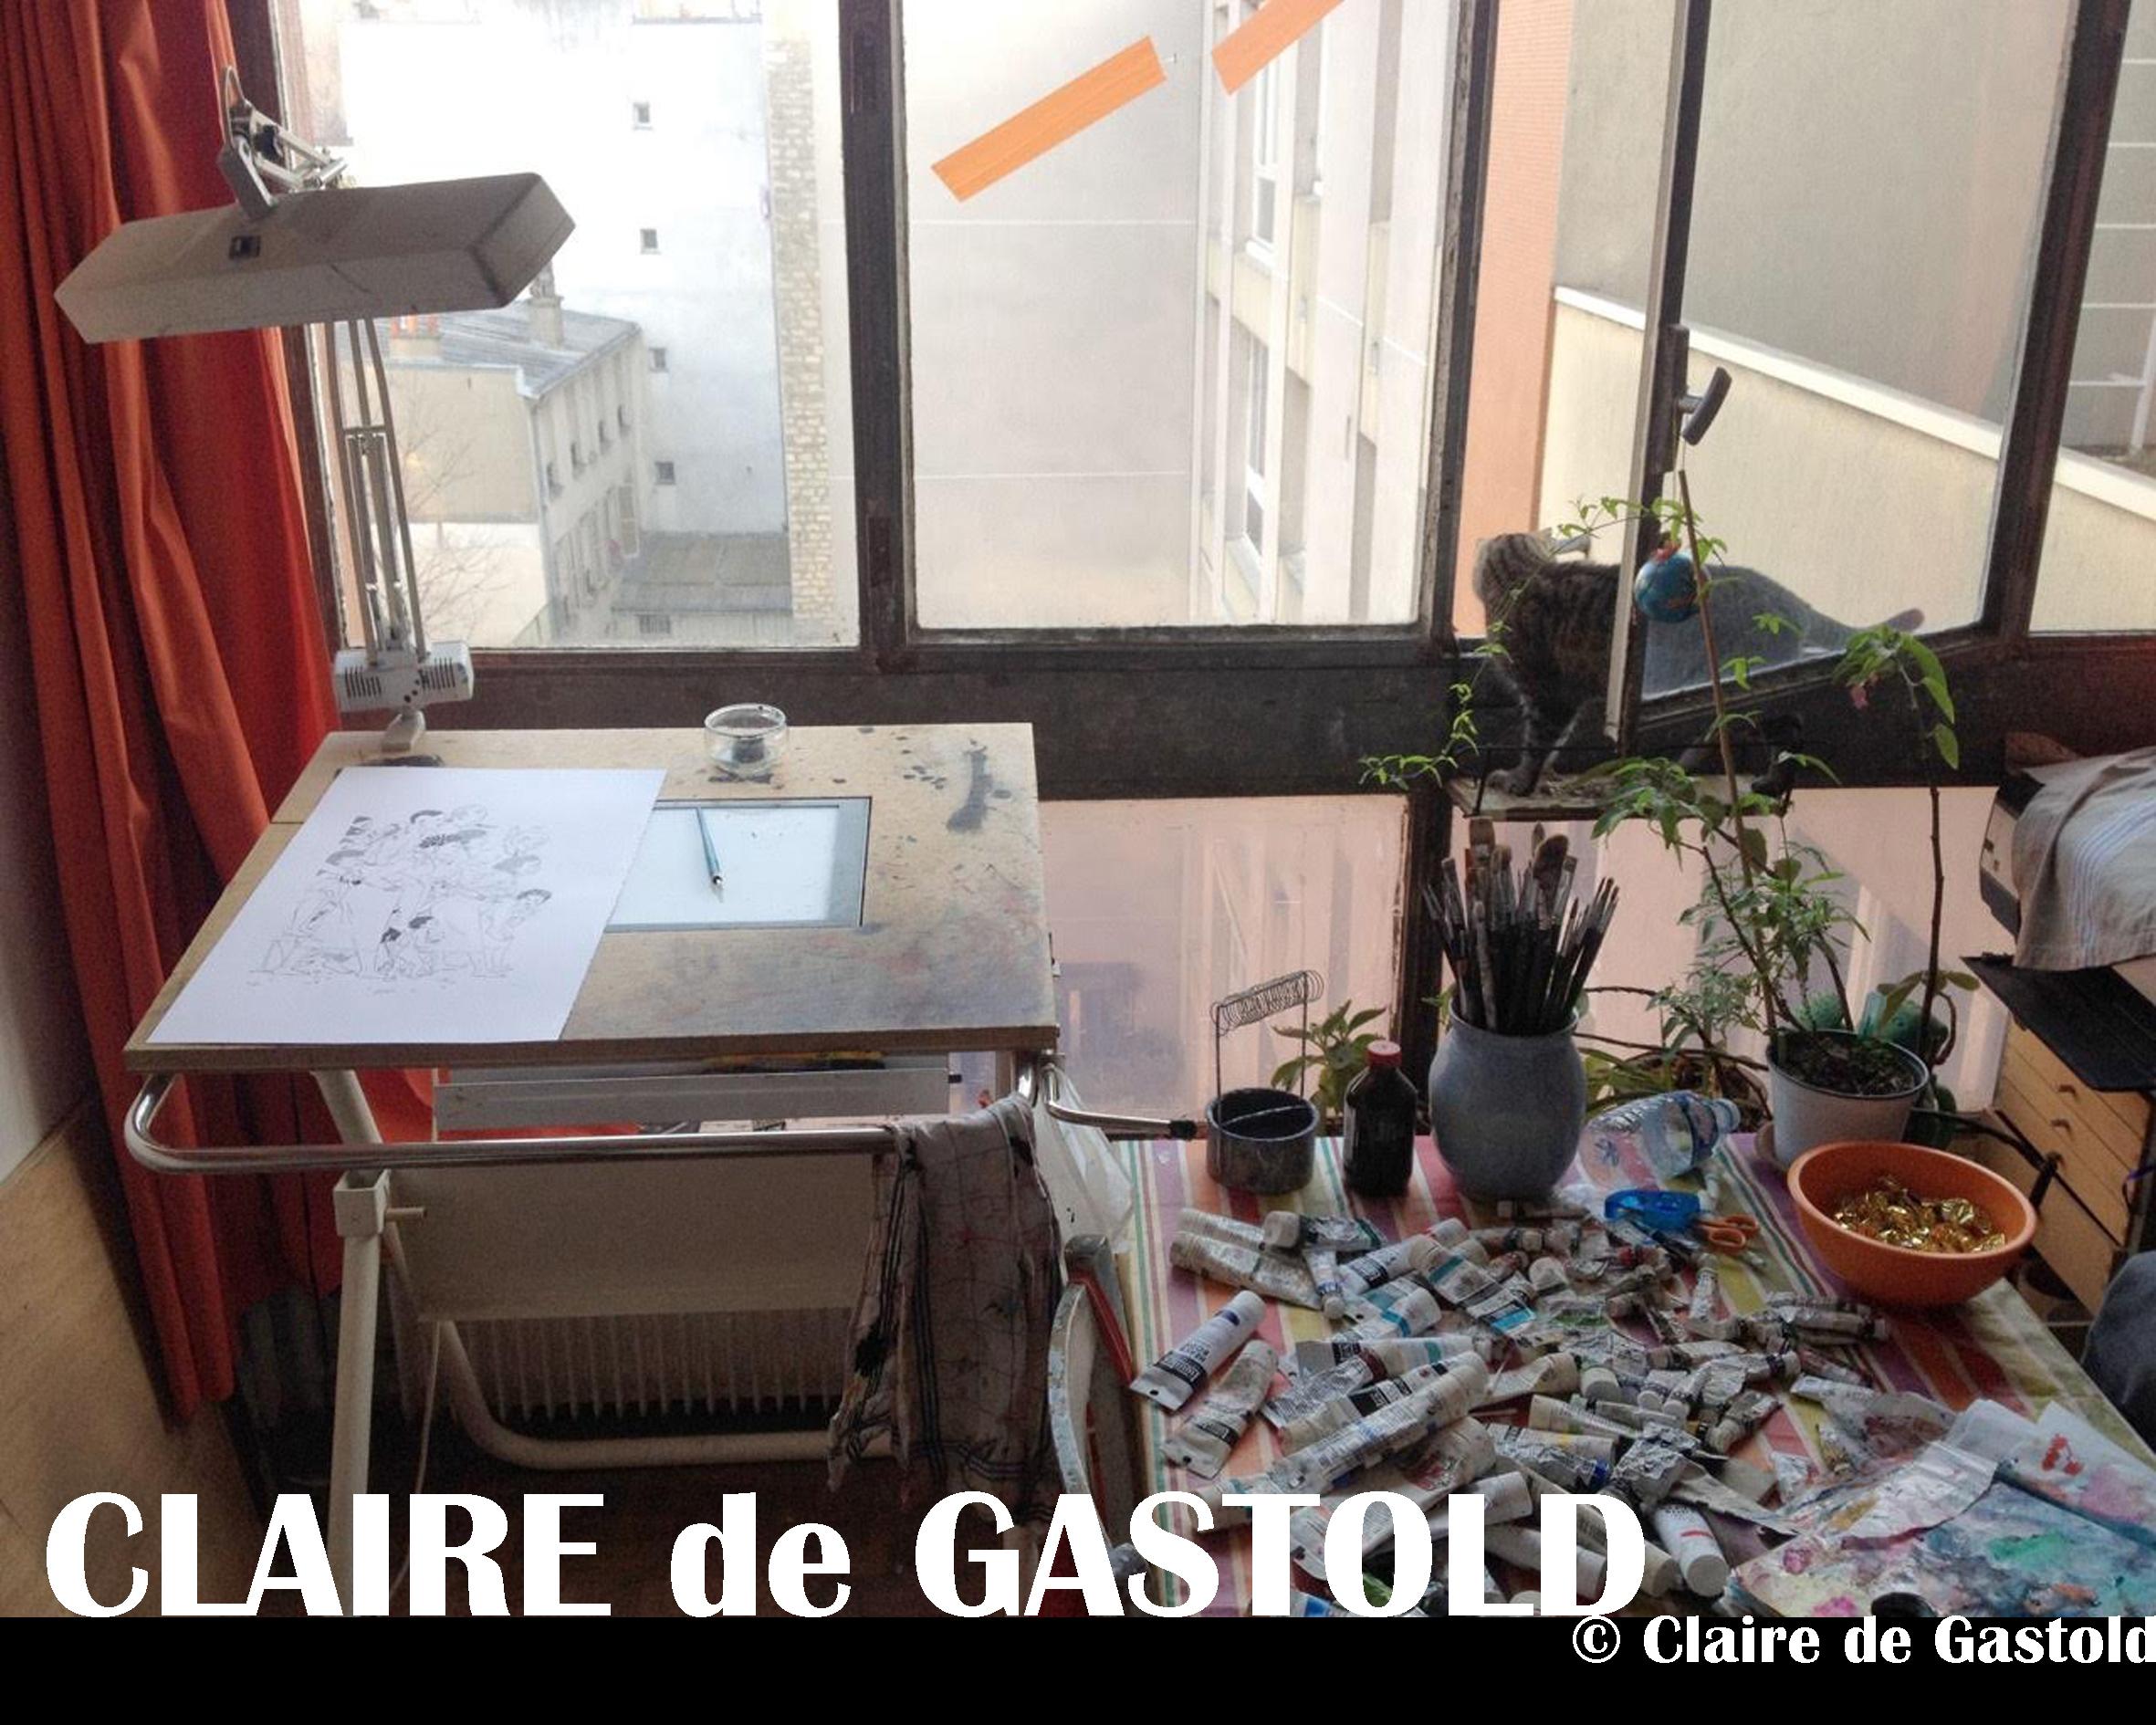 Claire de Gastold